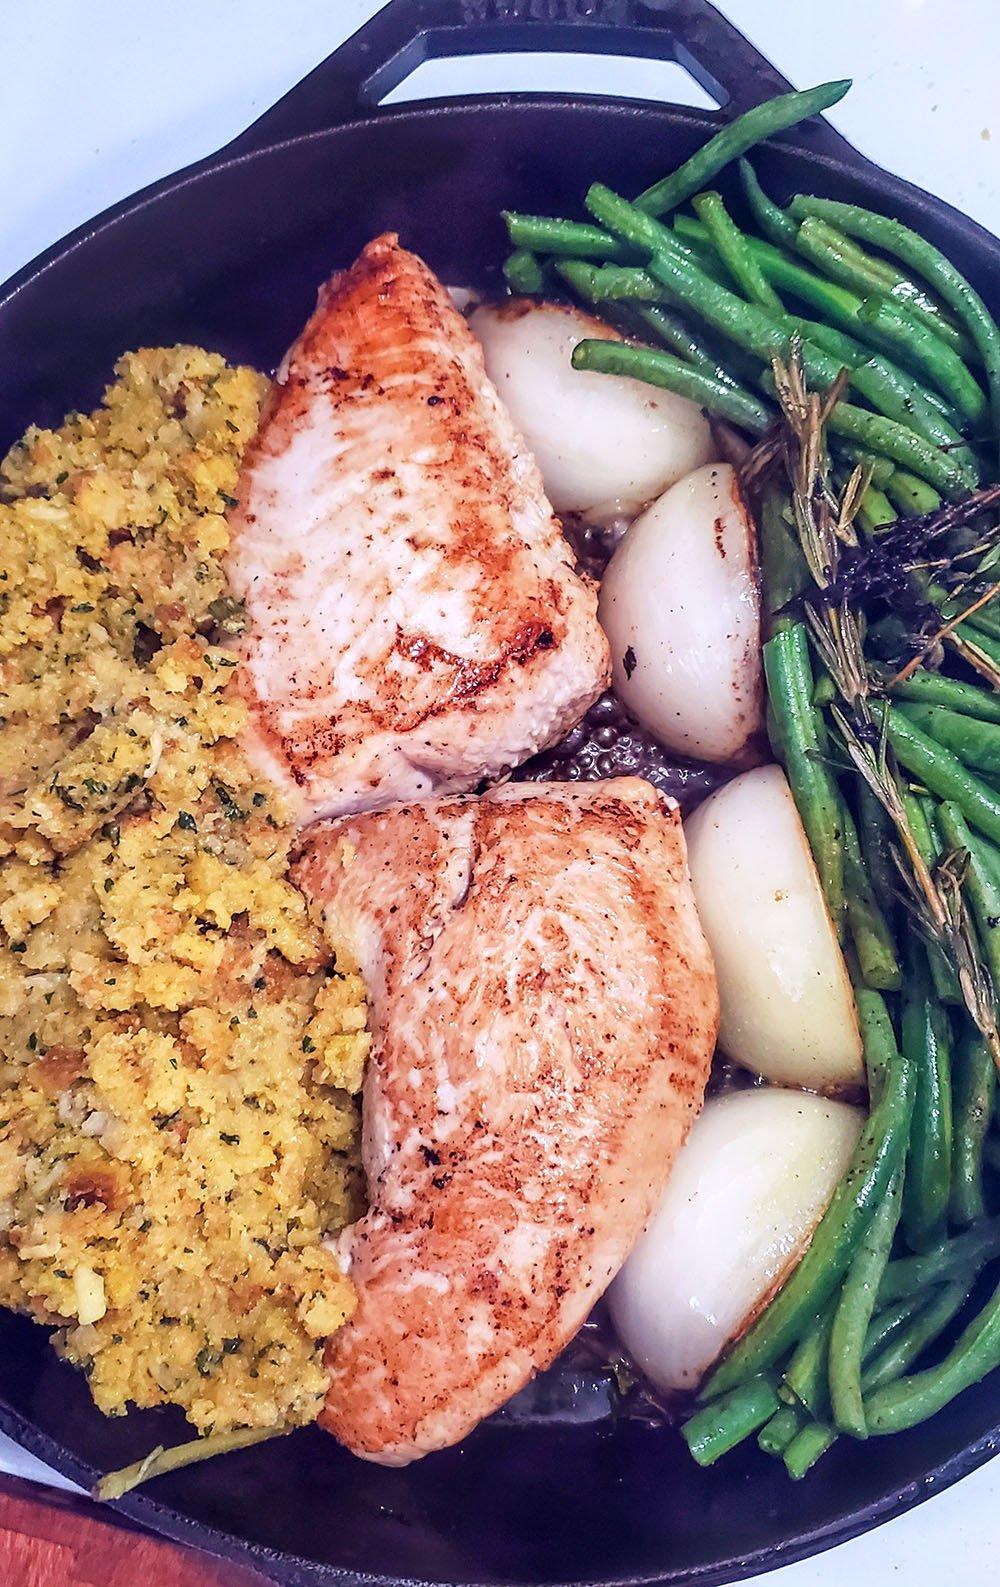 An entire turkey tenderloin dinner in one pan.